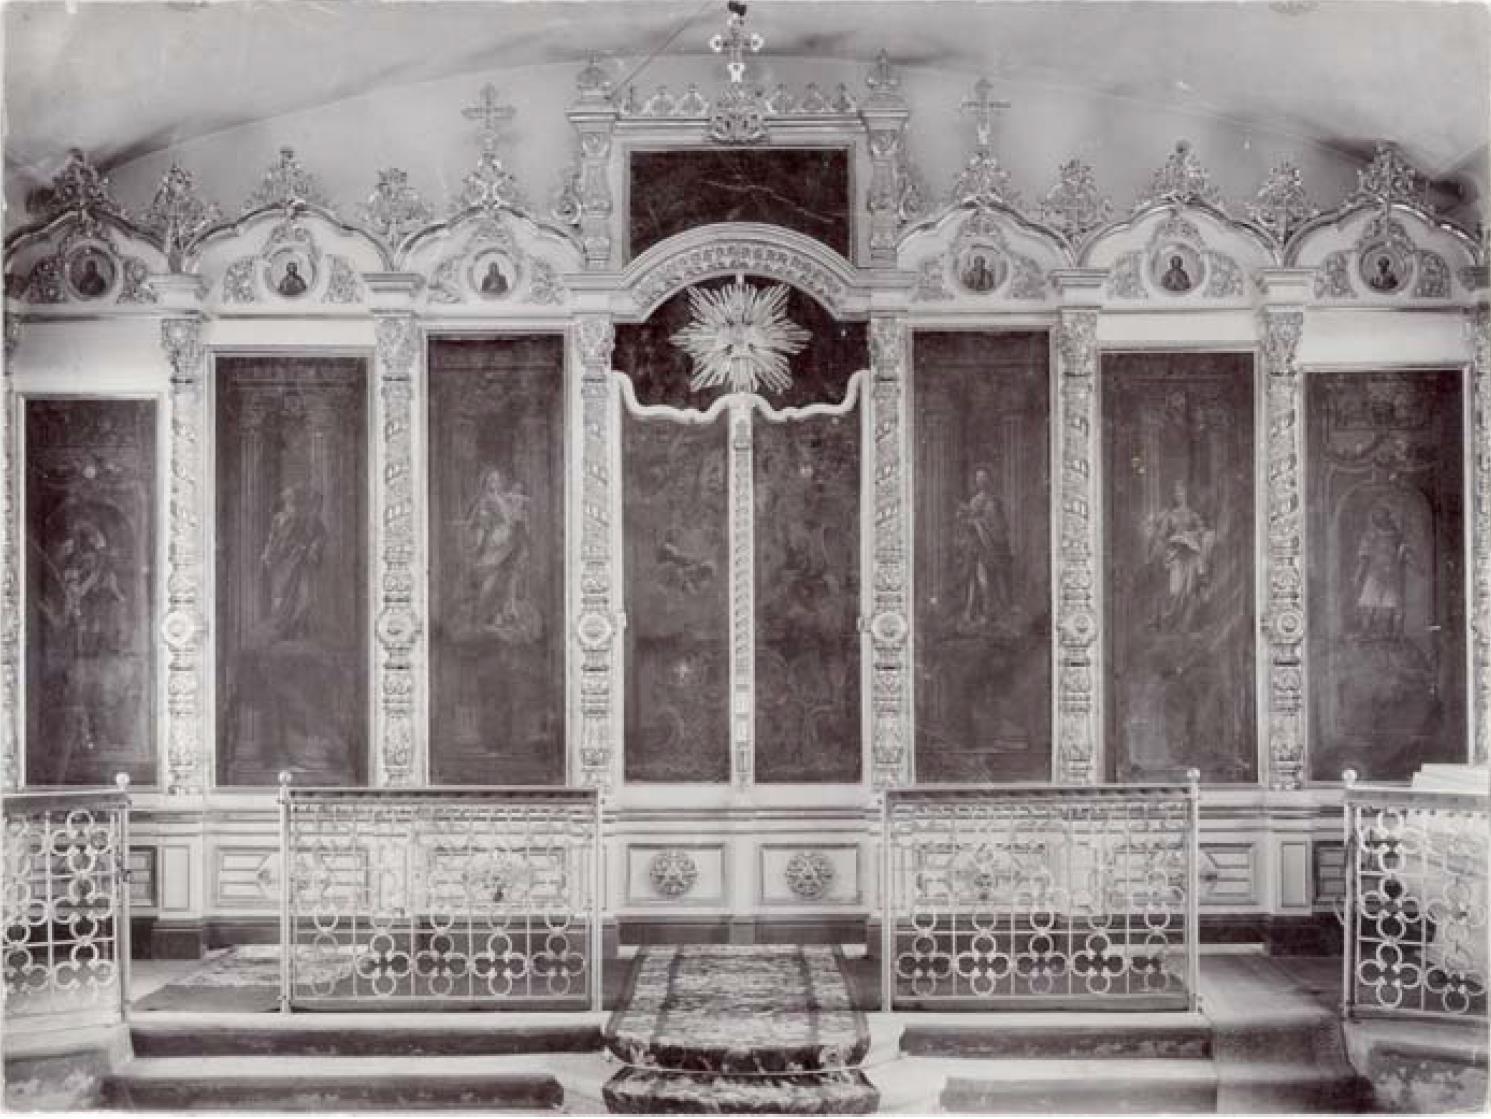 Церковь 10-го Гренадерского Малороссийского полка. Иконостас. Конец XIX – начало XX в.